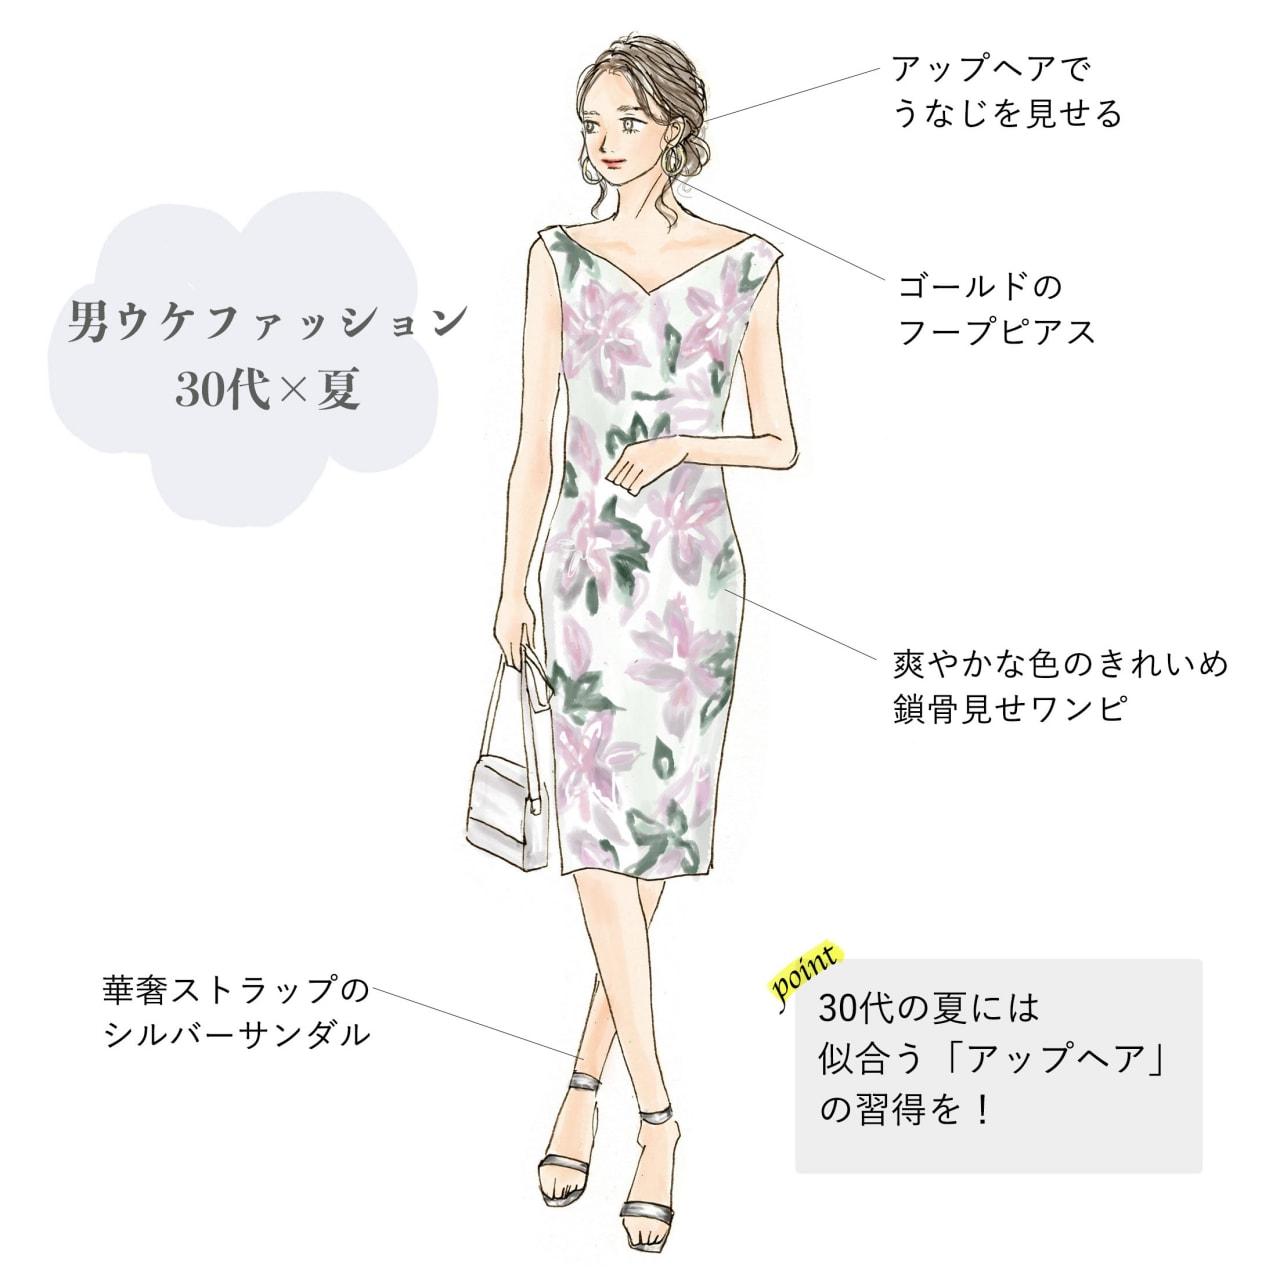 男ウケファッション 30代×夏